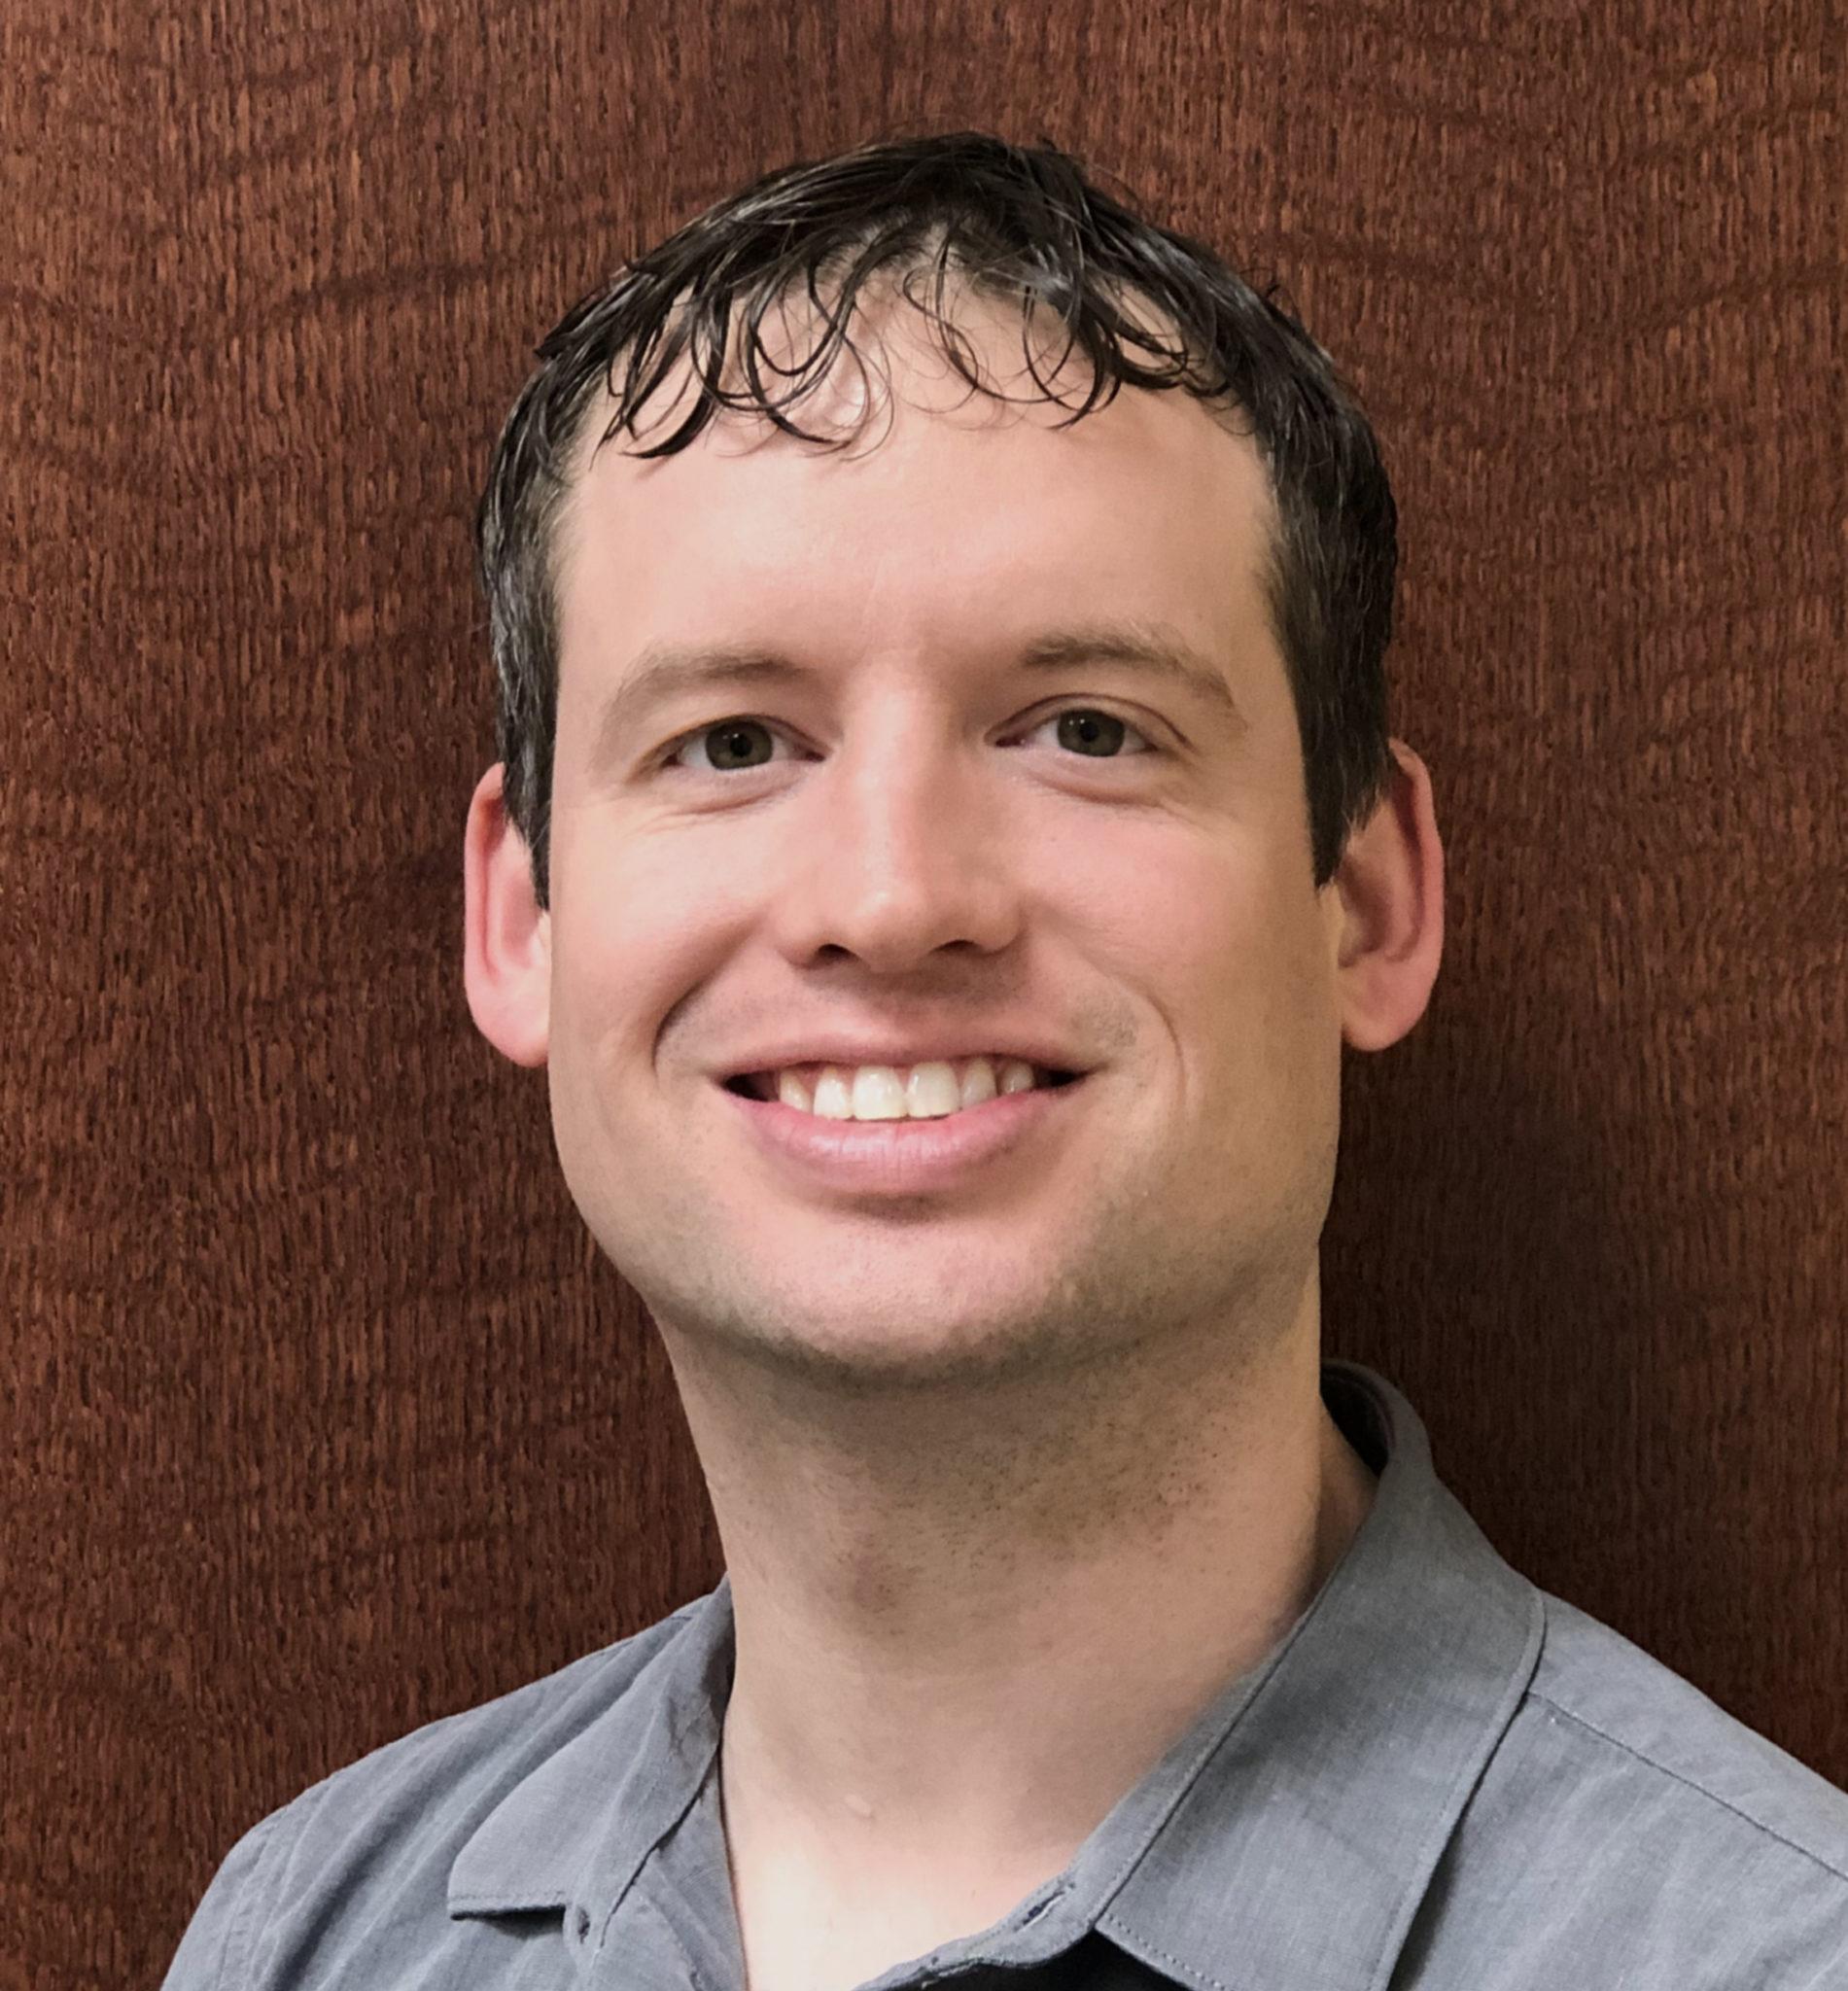 Andrew Ashelford, MBA, RDN